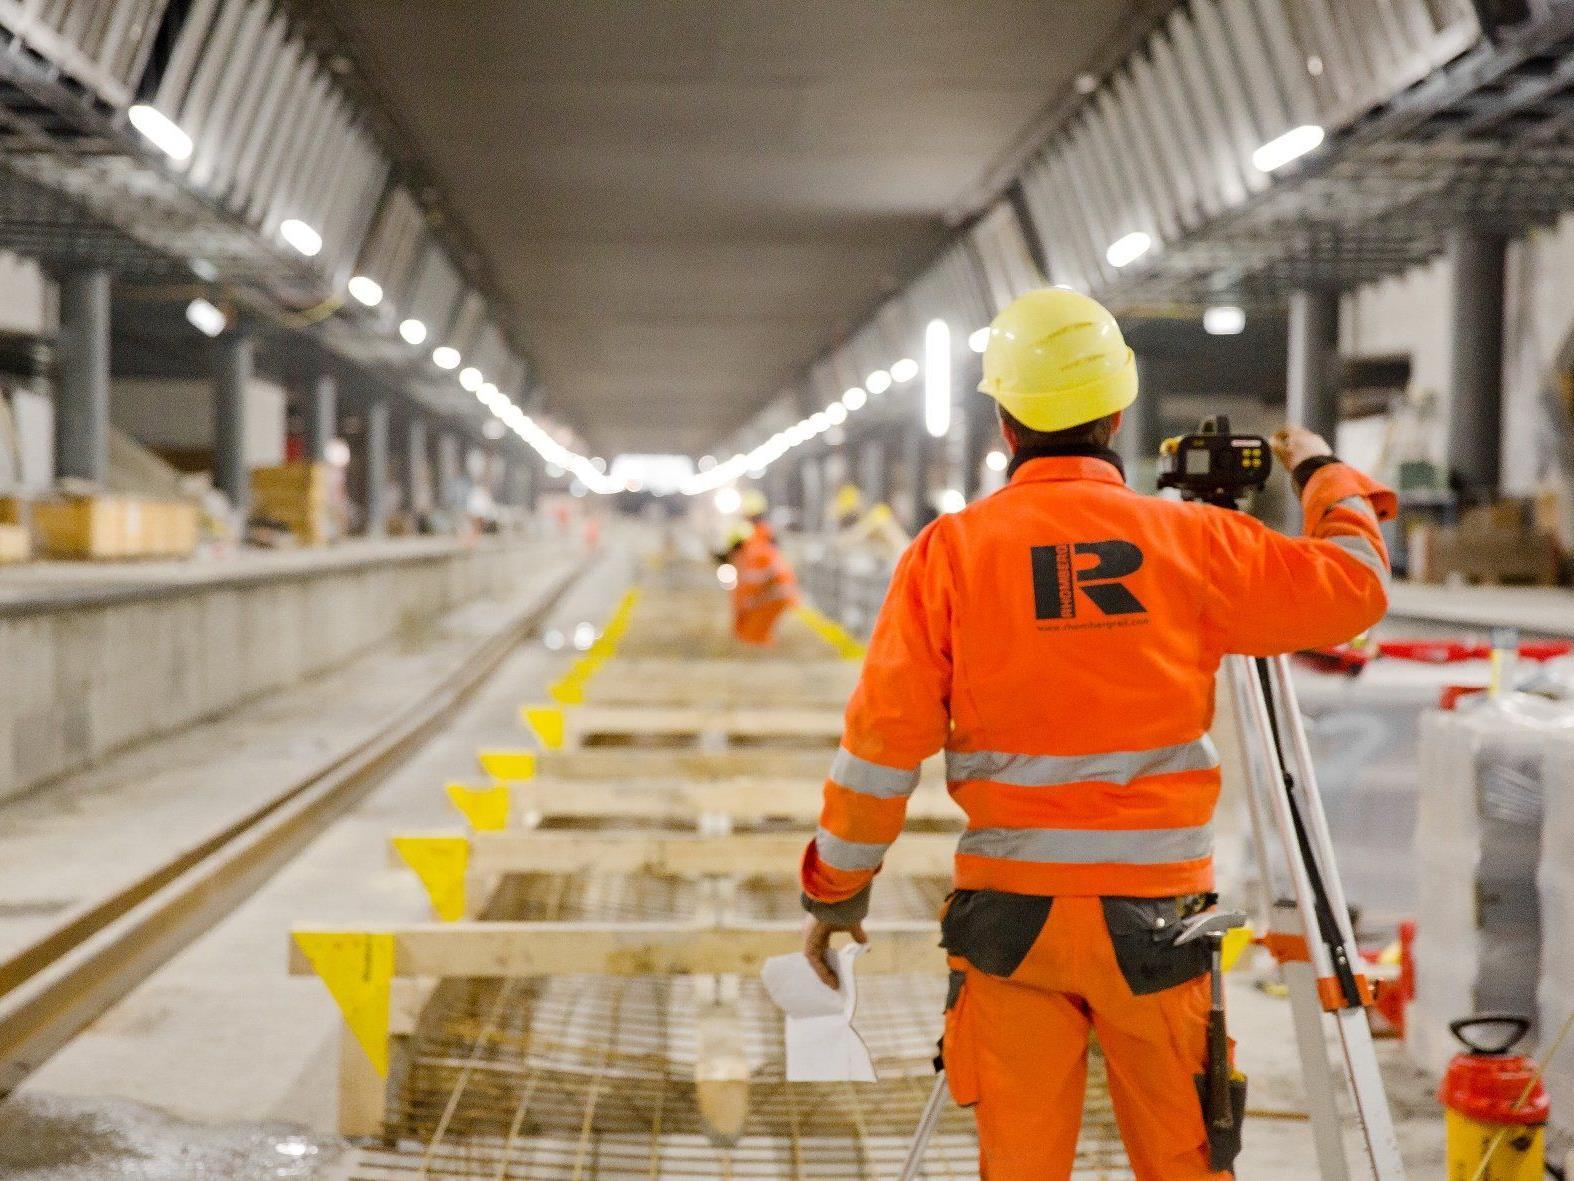 Rhomberg Bahntechnik GmbH erhält drei Aufträge im Rahmen des Verkehrsprojekts der Deutschen Einheit VDE 8.1.